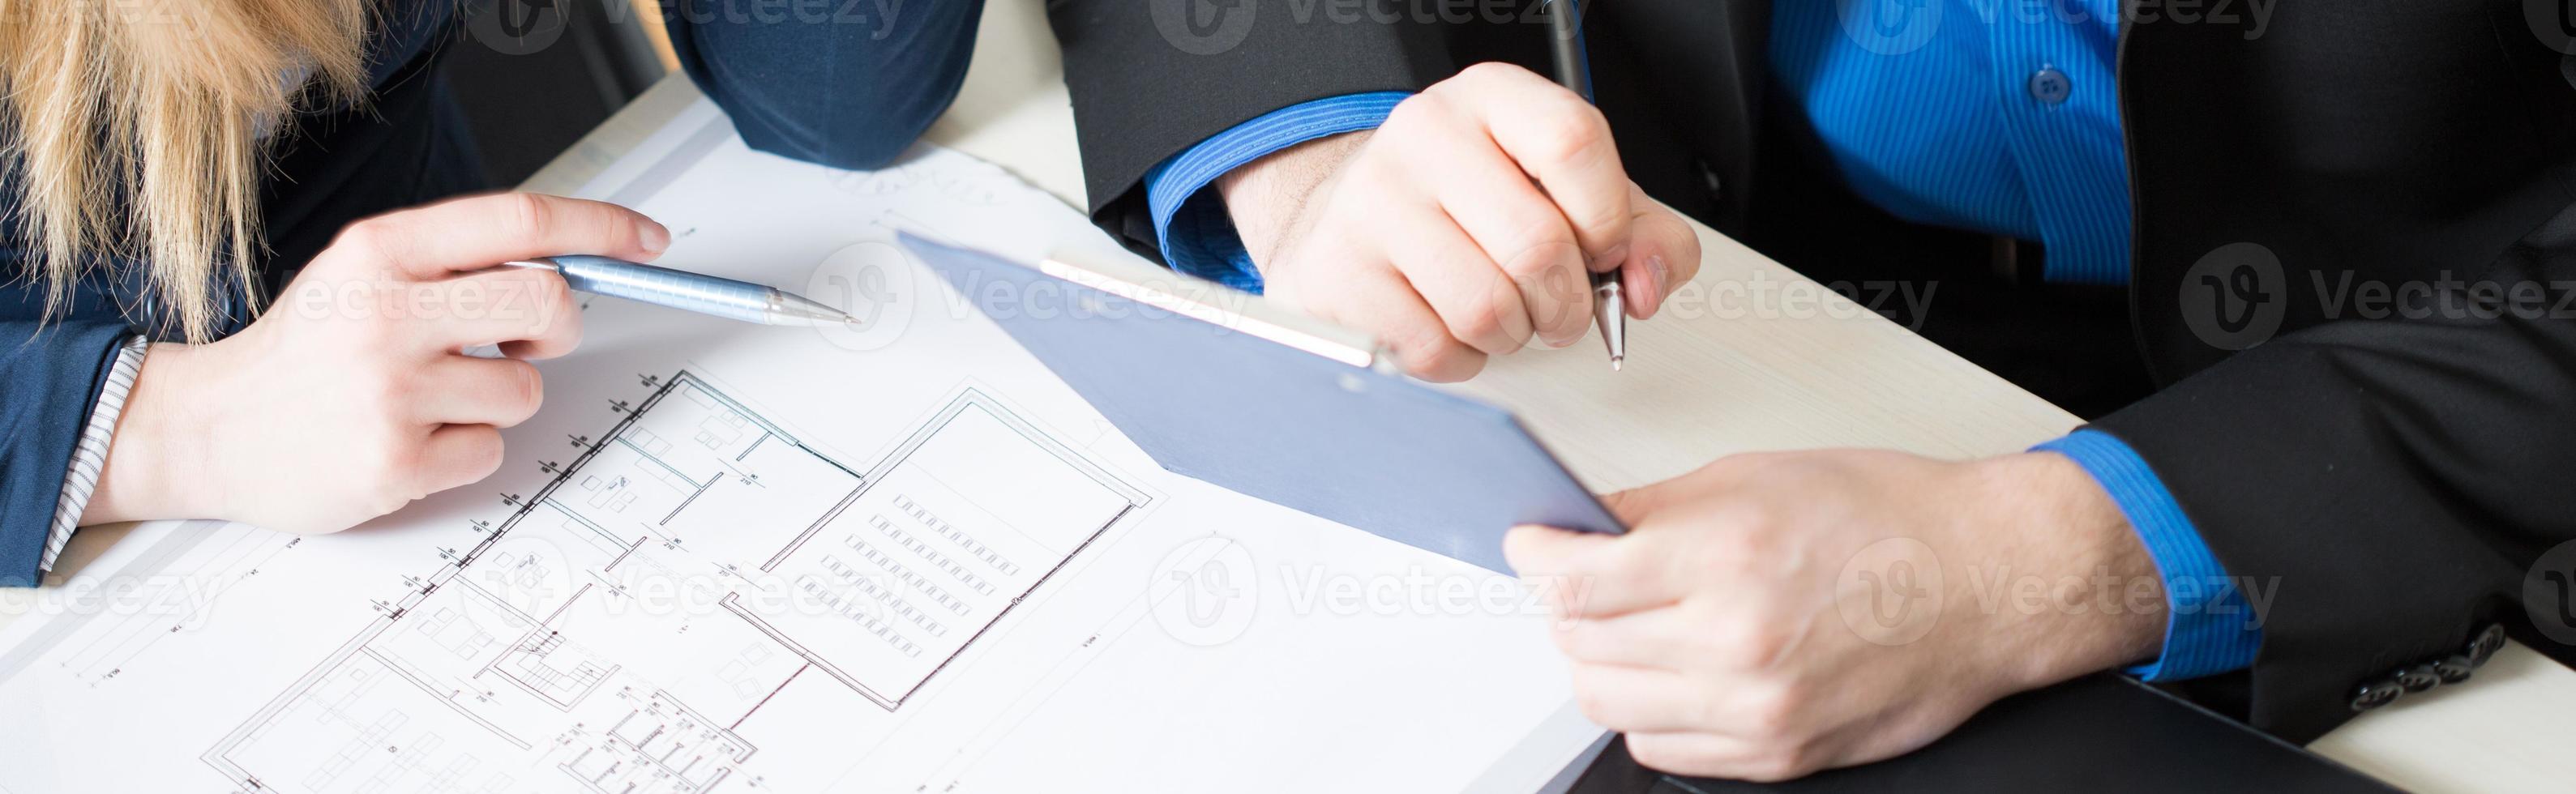 Tablet und Projekt auf dem Schreibtisch foto